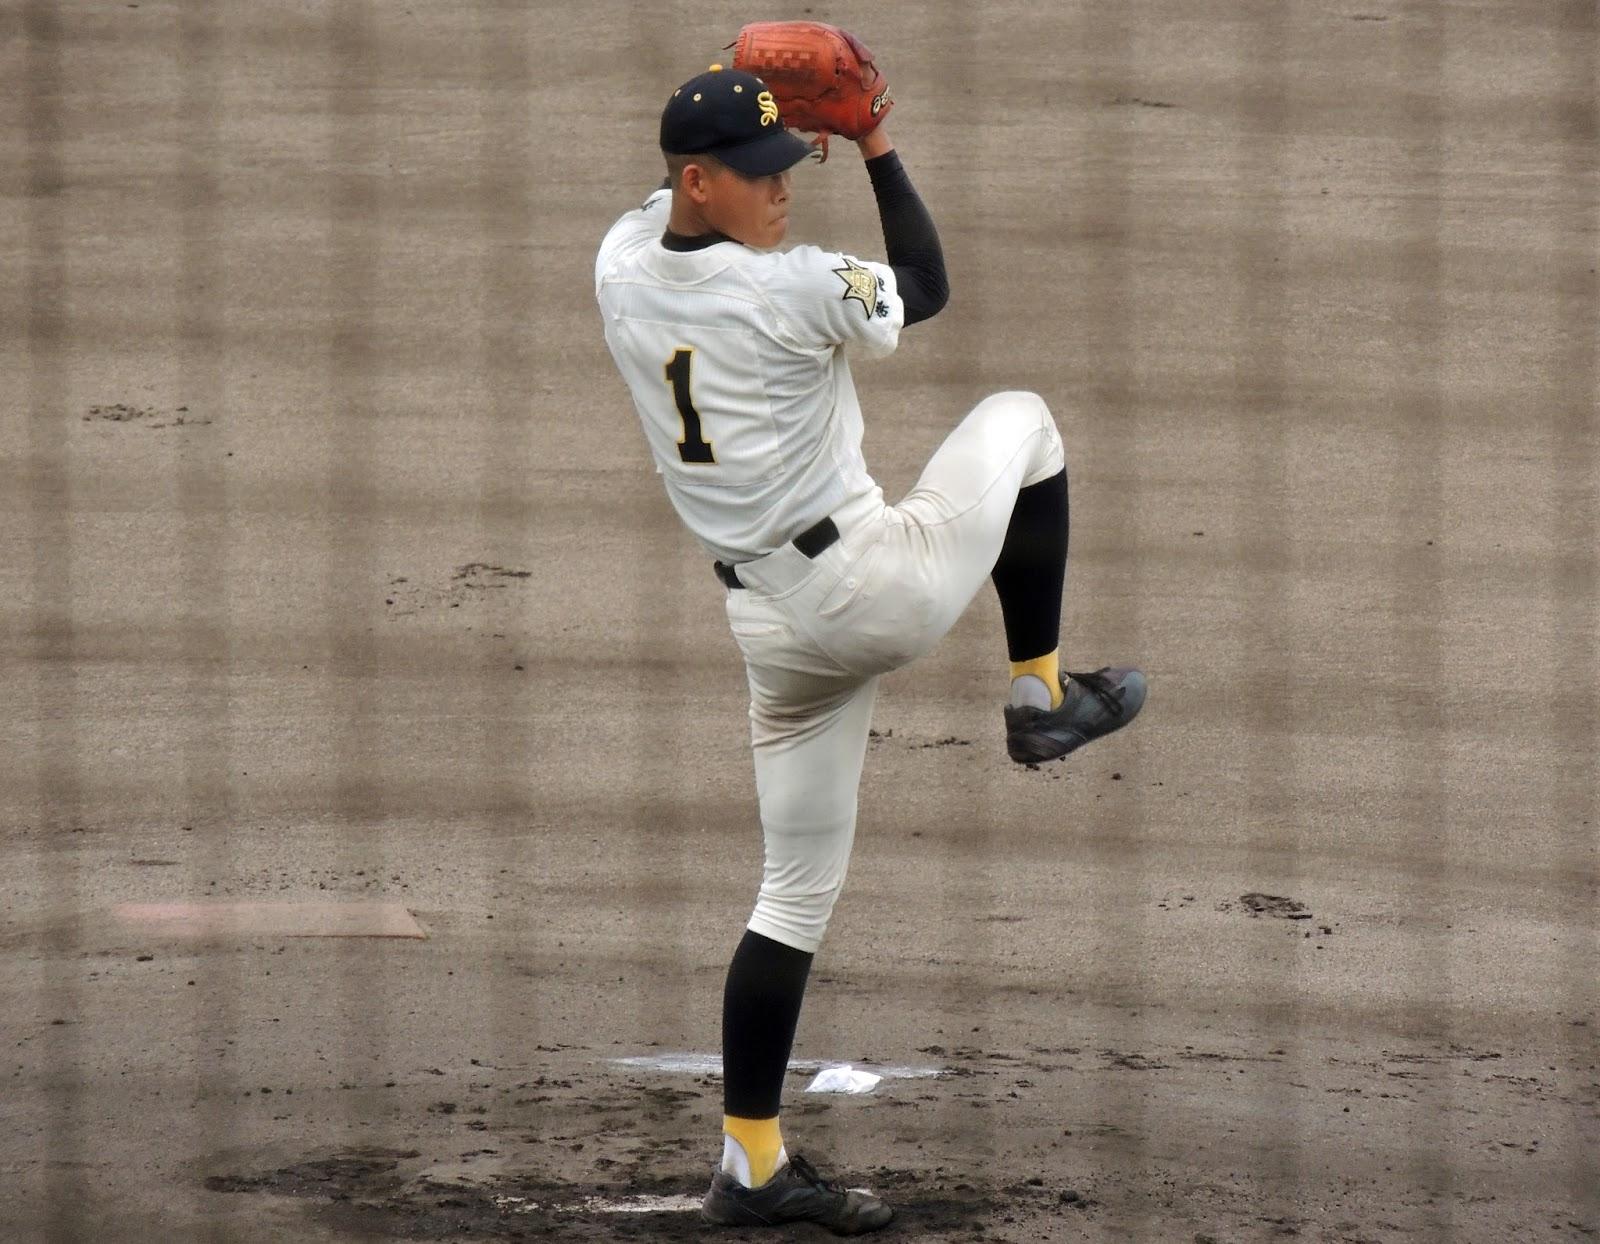 高校野球 広島大会 2016 夏 組み合わせ 日程 注目選手 優勝候補